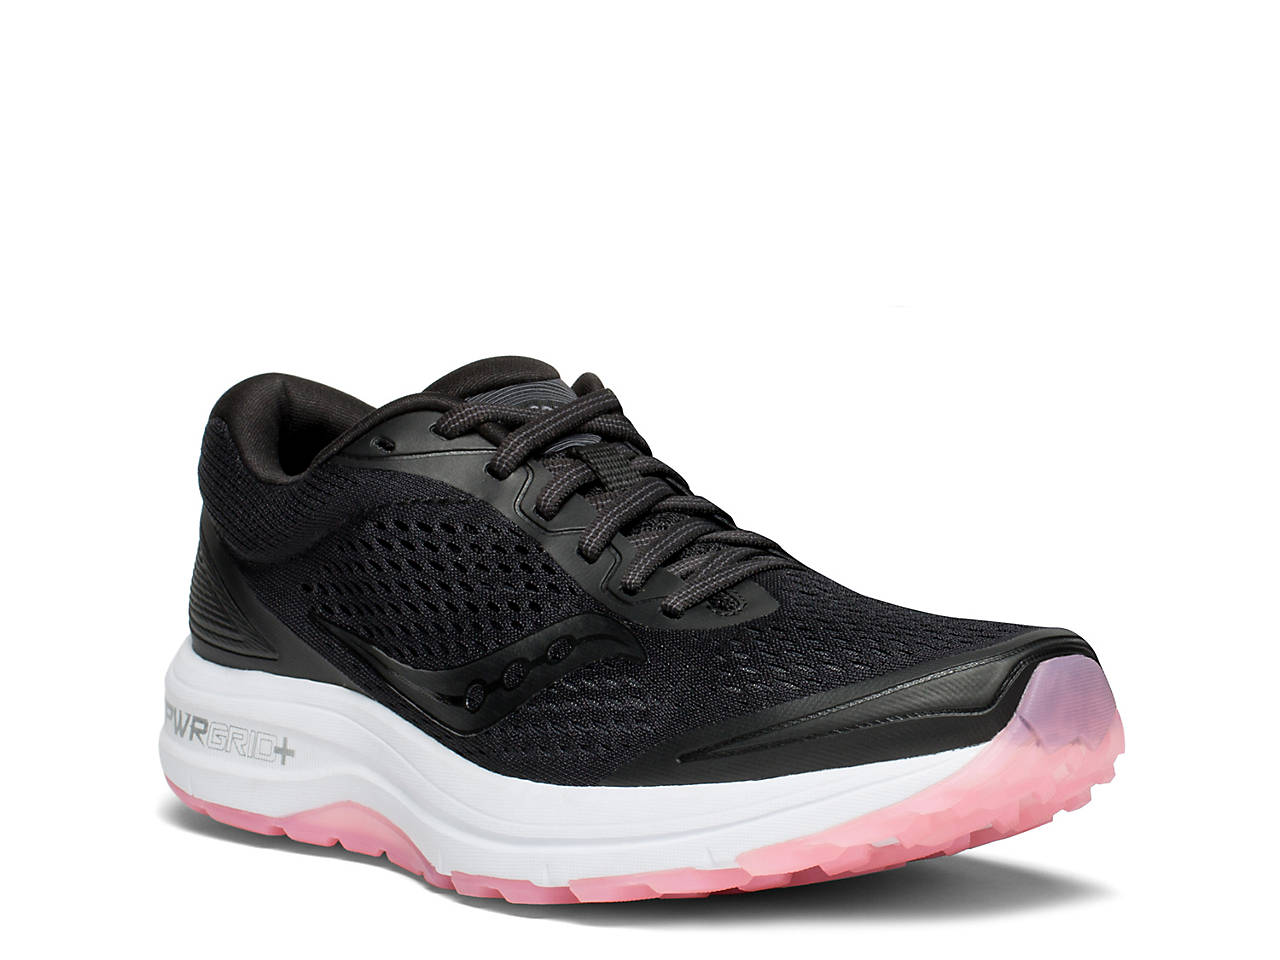 3b870427a23 Clarion Running Shoe - Women's